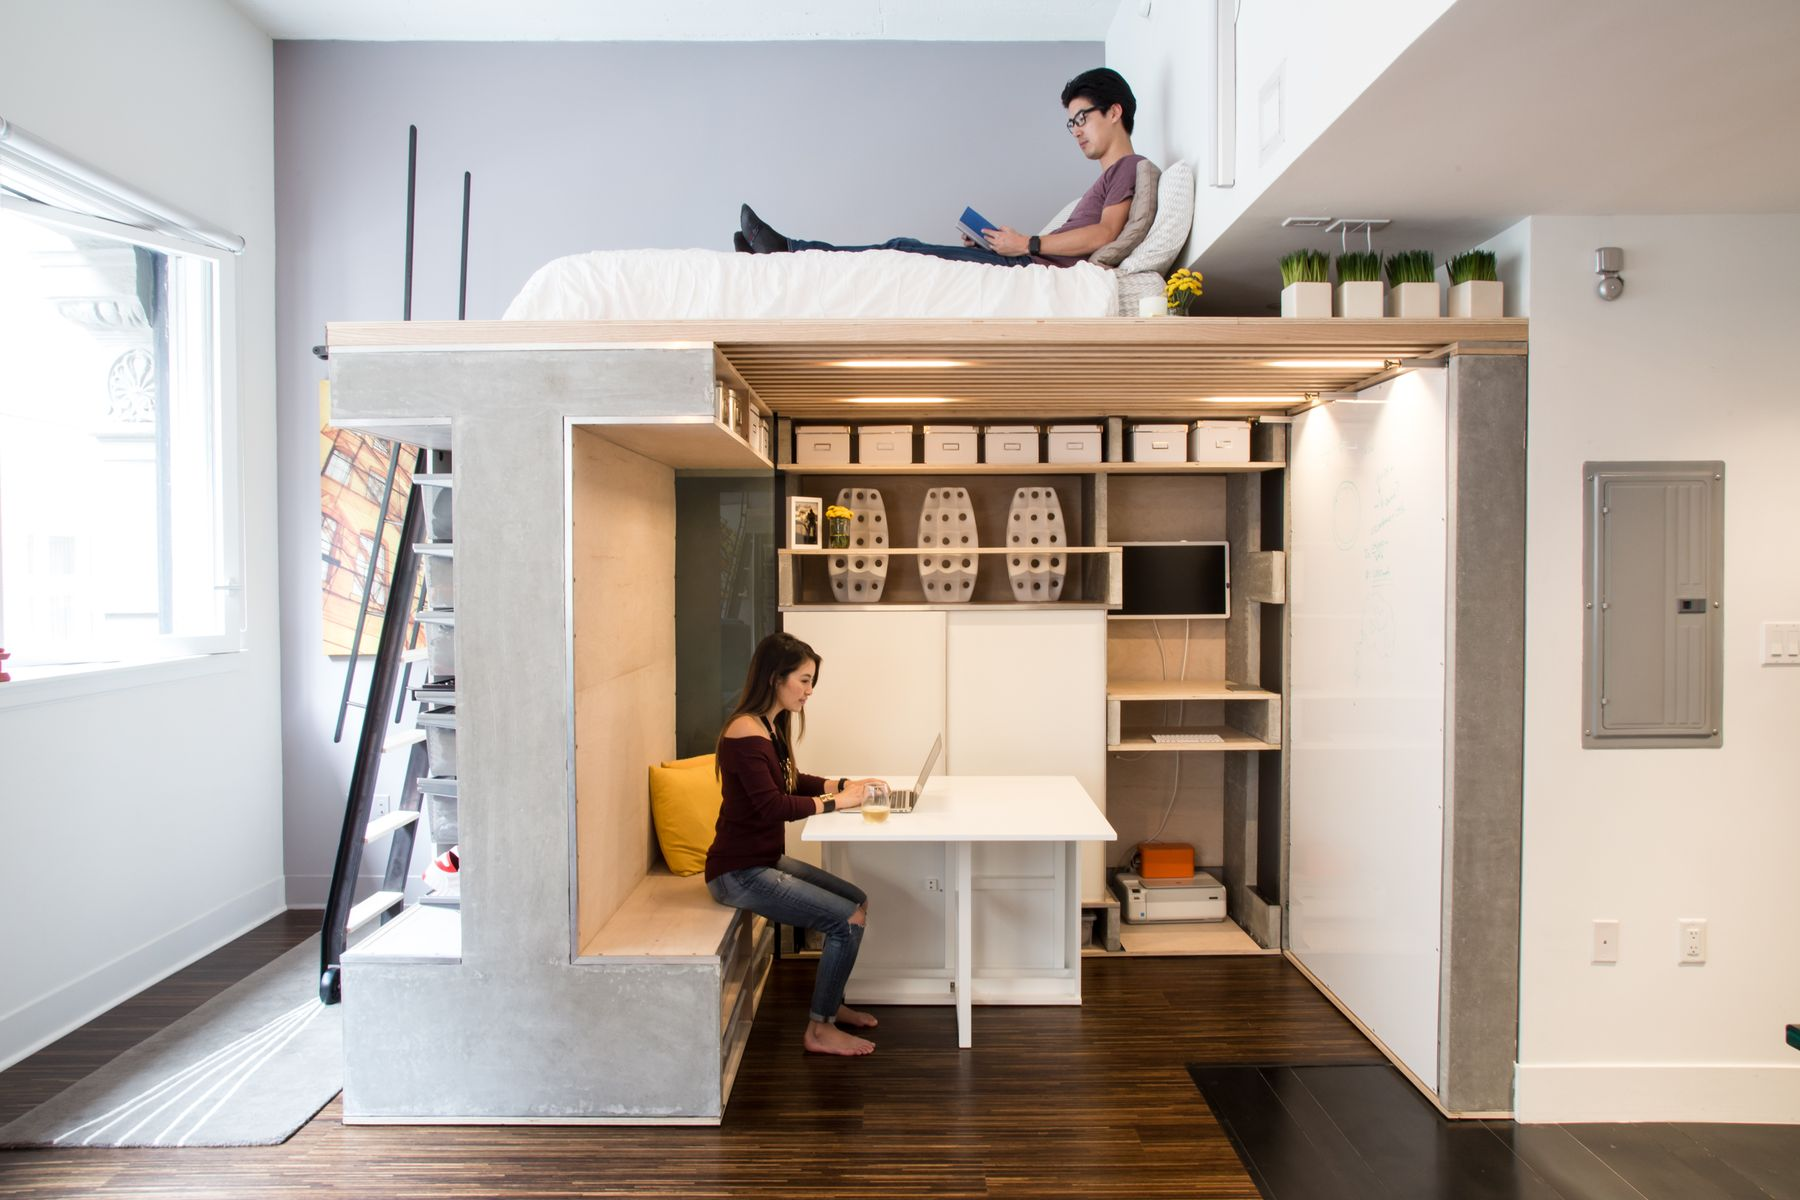 modelos de casas pequenas 60 fotos projetos e plantas. Black Bedroom Furniture Sets. Home Design Ideas